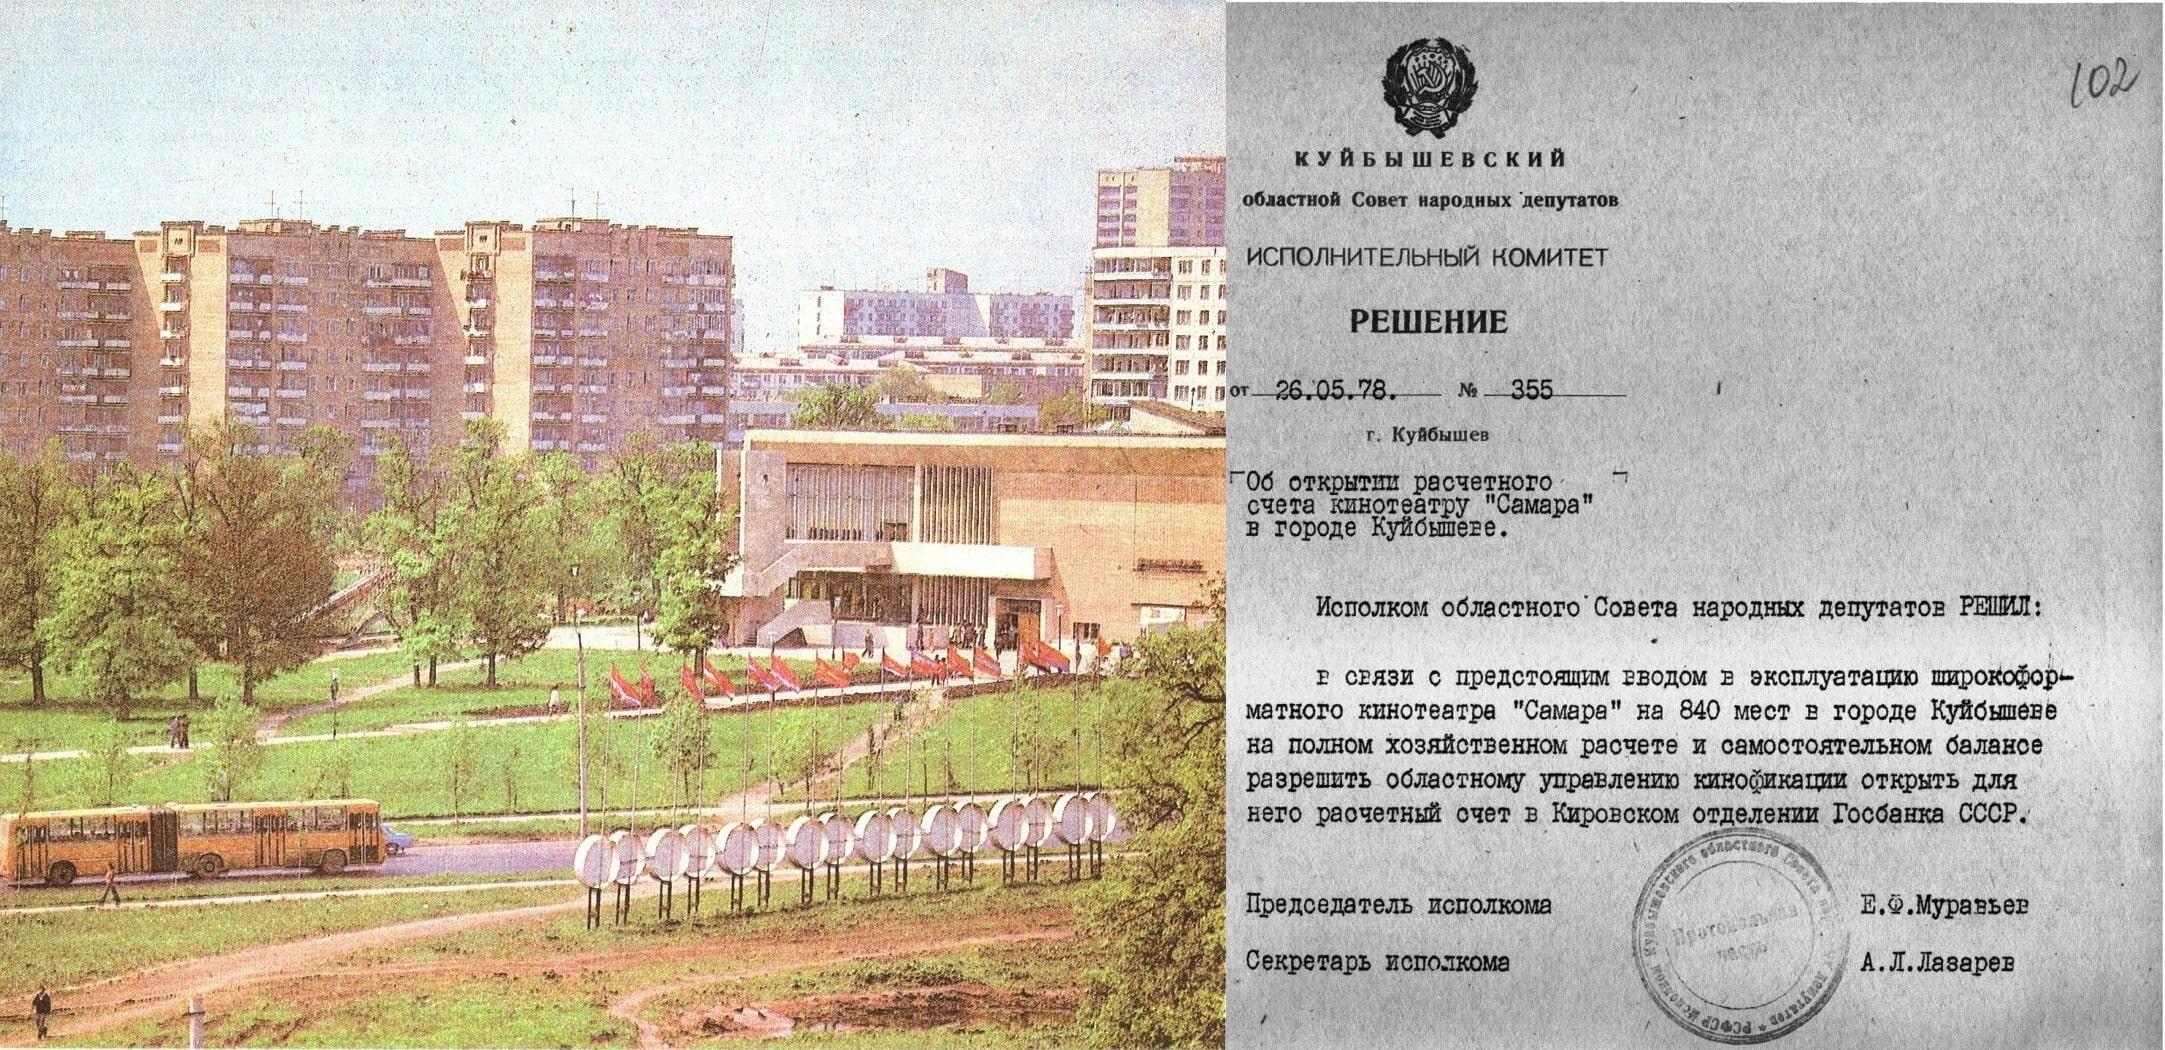 Кинотеатр Самара